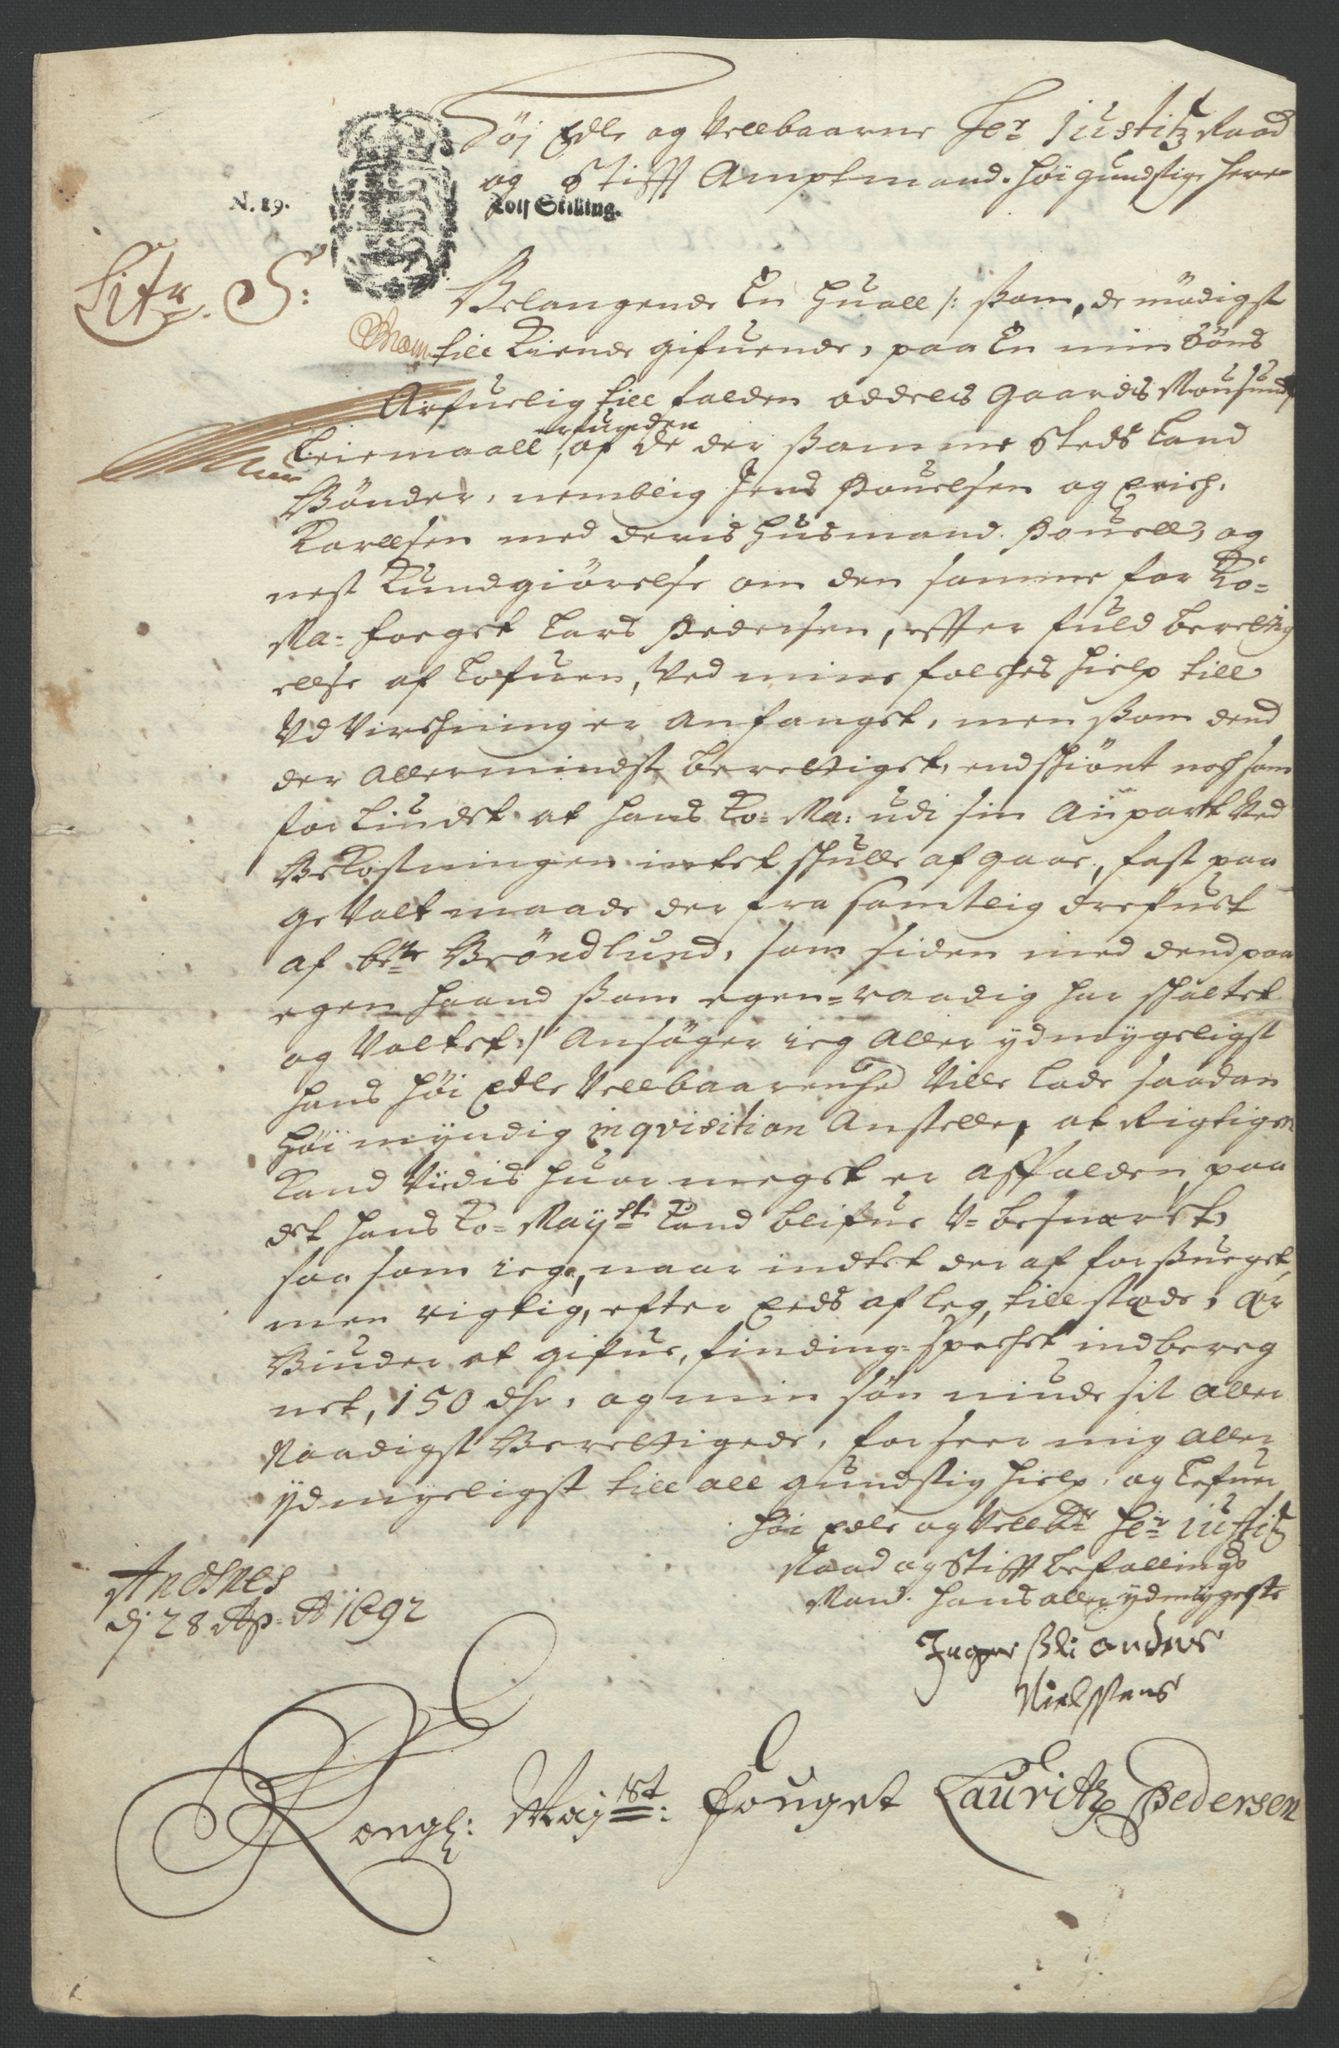 RA, Rentekammeret inntil 1814, Reviderte regnskaper, Fogderegnskap, R57/L3849: Fogderegnskap Fosen, 1692-1693, s. 251